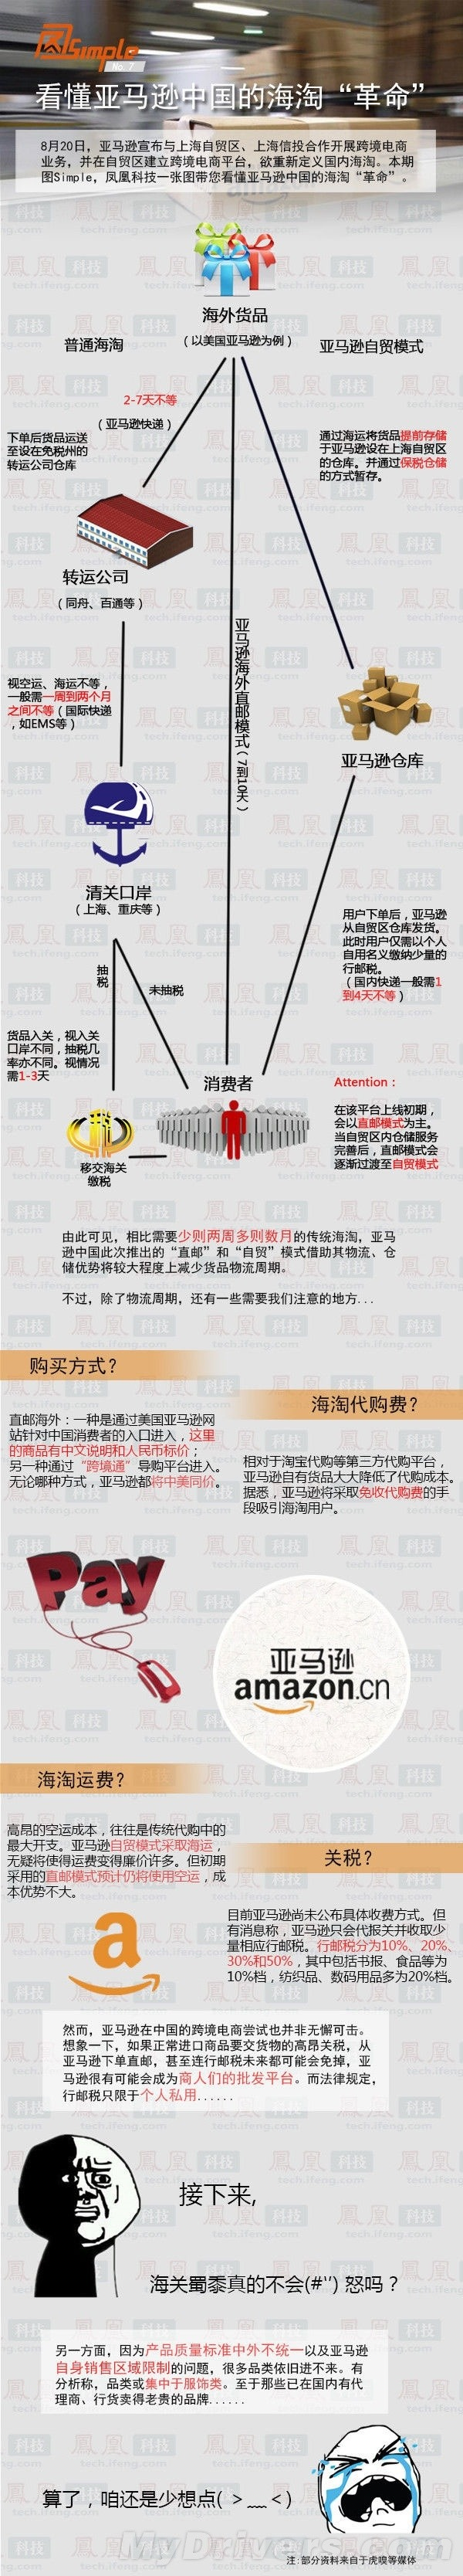 海淘:亚马逊直邮中国到底是怎样的?